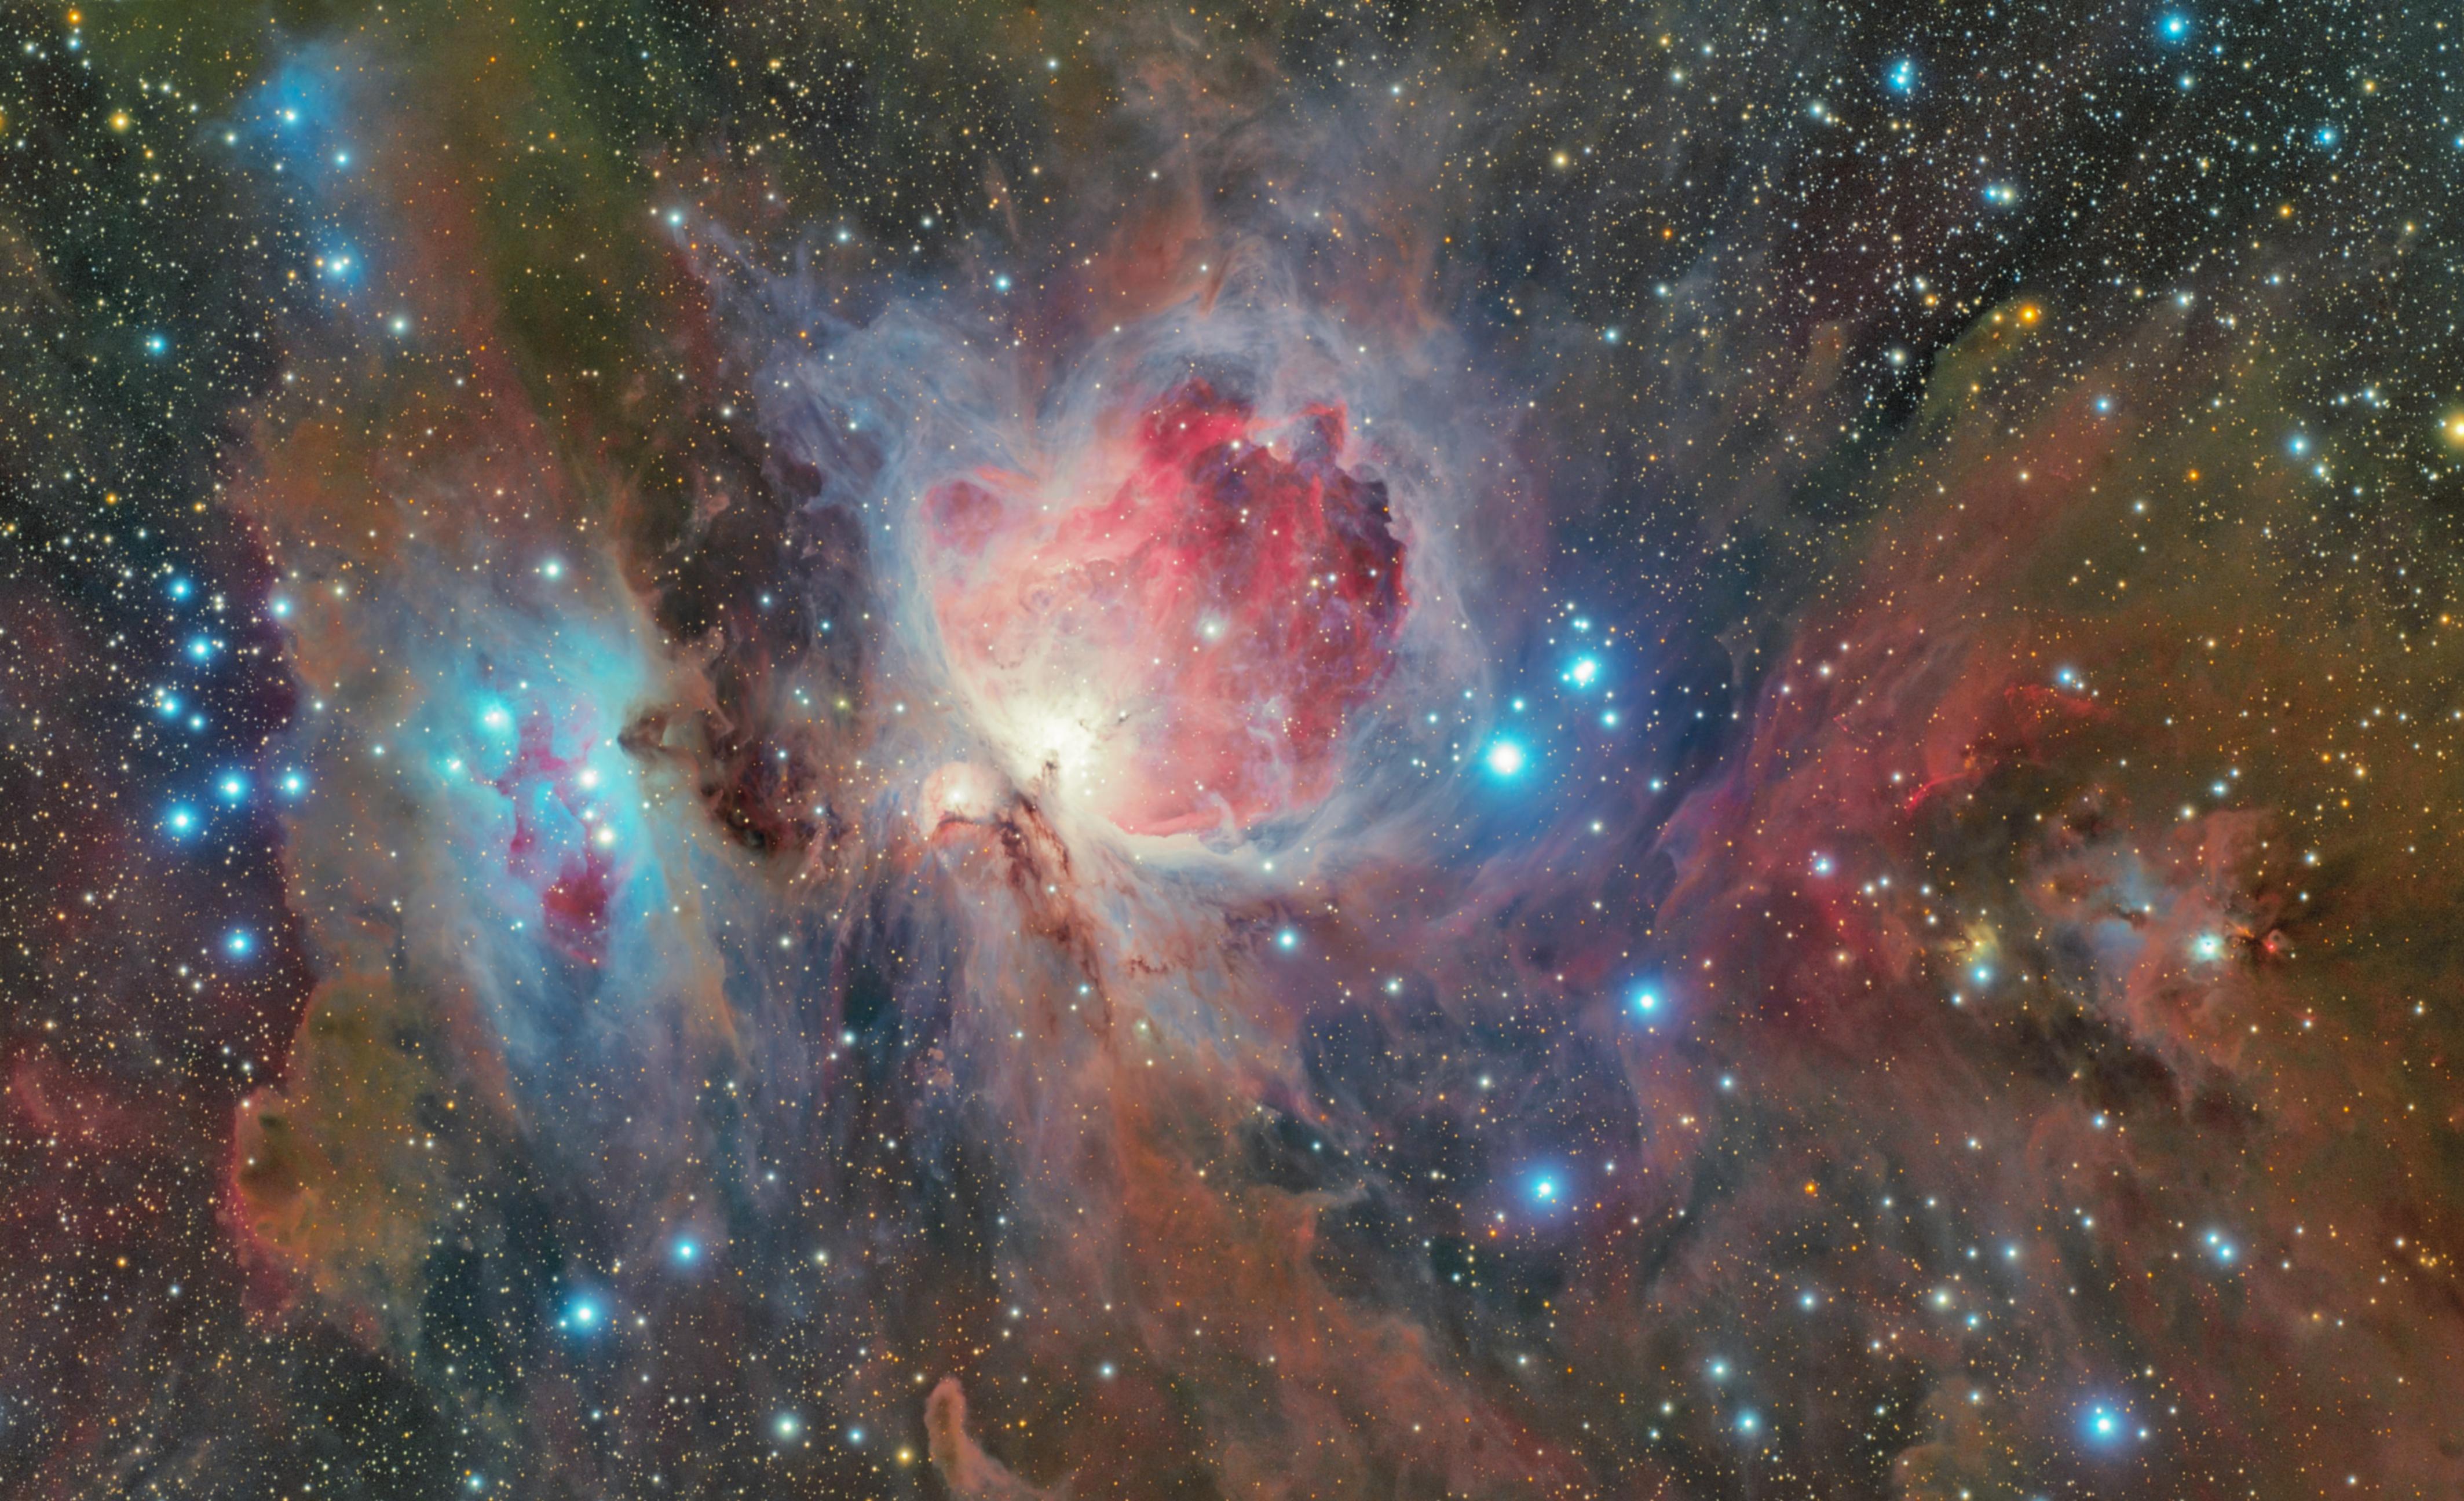 138907 скачать обои Туманность, Космос, Звезды, Галактика, Туманность Ориона - заставки и картинки бесплатно